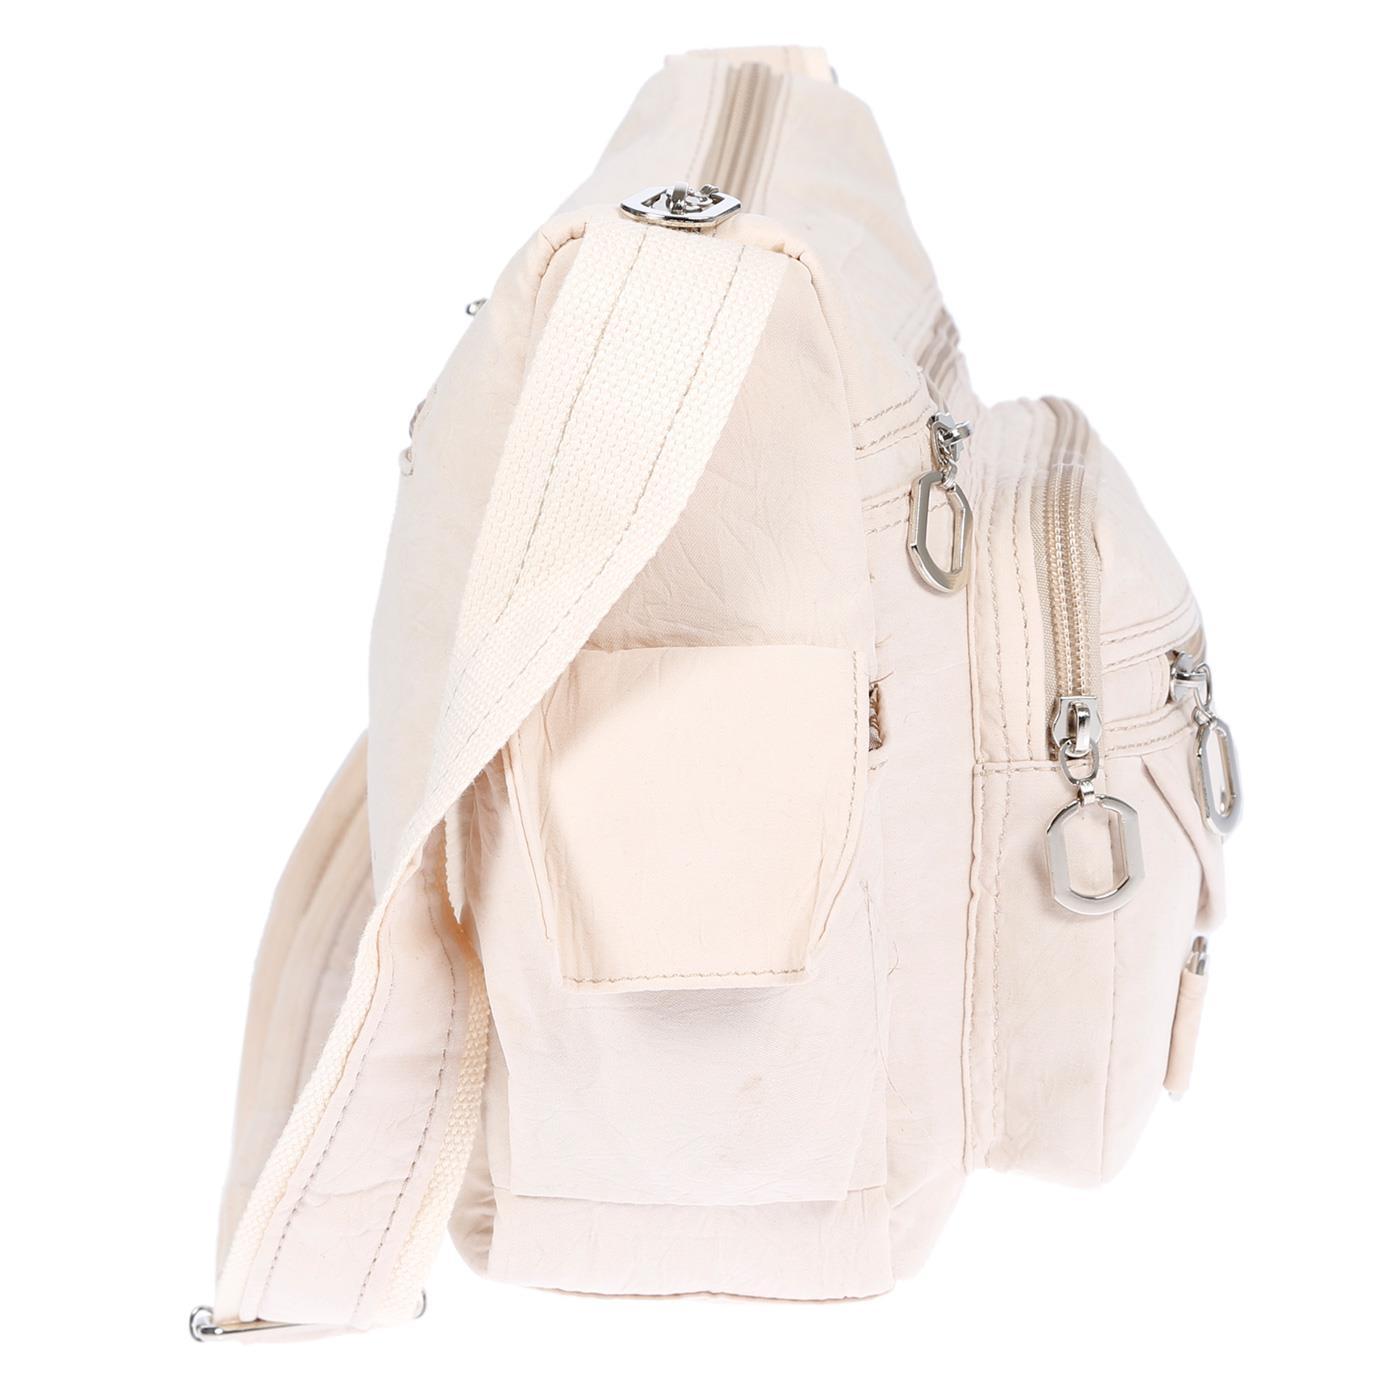 Damenhandtasche-Schultertasche-Tasche-Umhaengetasche-Canvas-Shopper-Crossover-Bag Indexbild 27